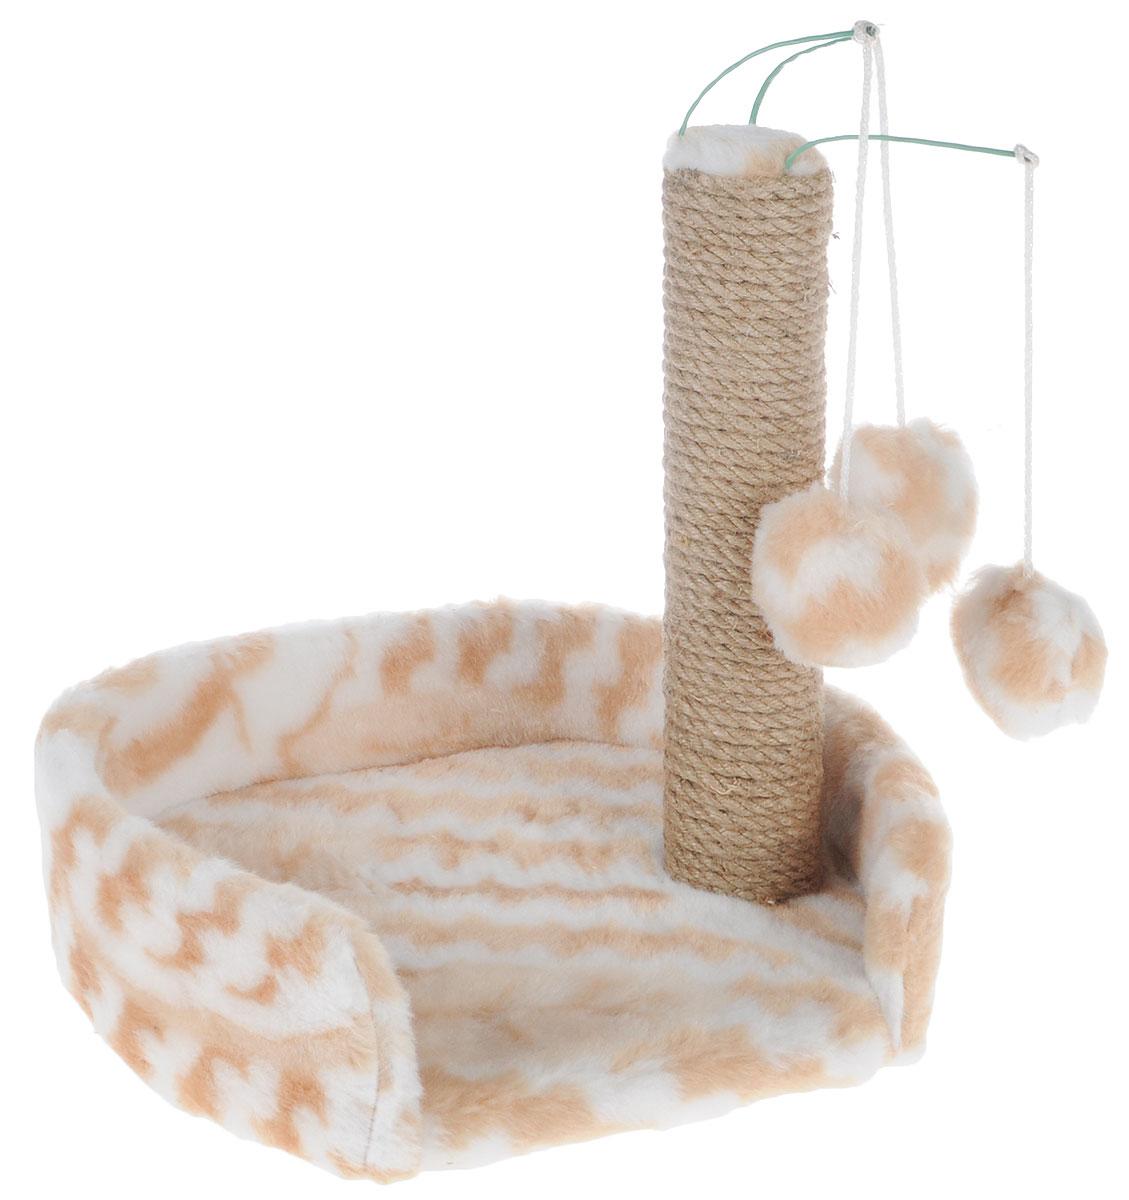 Когтеточка для котят Меридиан, с лежанкой, цвет: белый, бежевый, 34 х 26 х 34 смК705ЦвКогтеточка Меридиан предназначена для стачивания когтей вашего котенка и предотвращения их врастания. Она выполнена из ДВП и ДСП и обтянута искусственным мехом. Точатся когти о столбик из джута. Когтеточка оснащена подвесными игрушками, привлекающими внимание котенка. Внизу имеется спальное место. Когтеточка позволяет сохранить неповрежденными мебель и другие предметы интерьера.